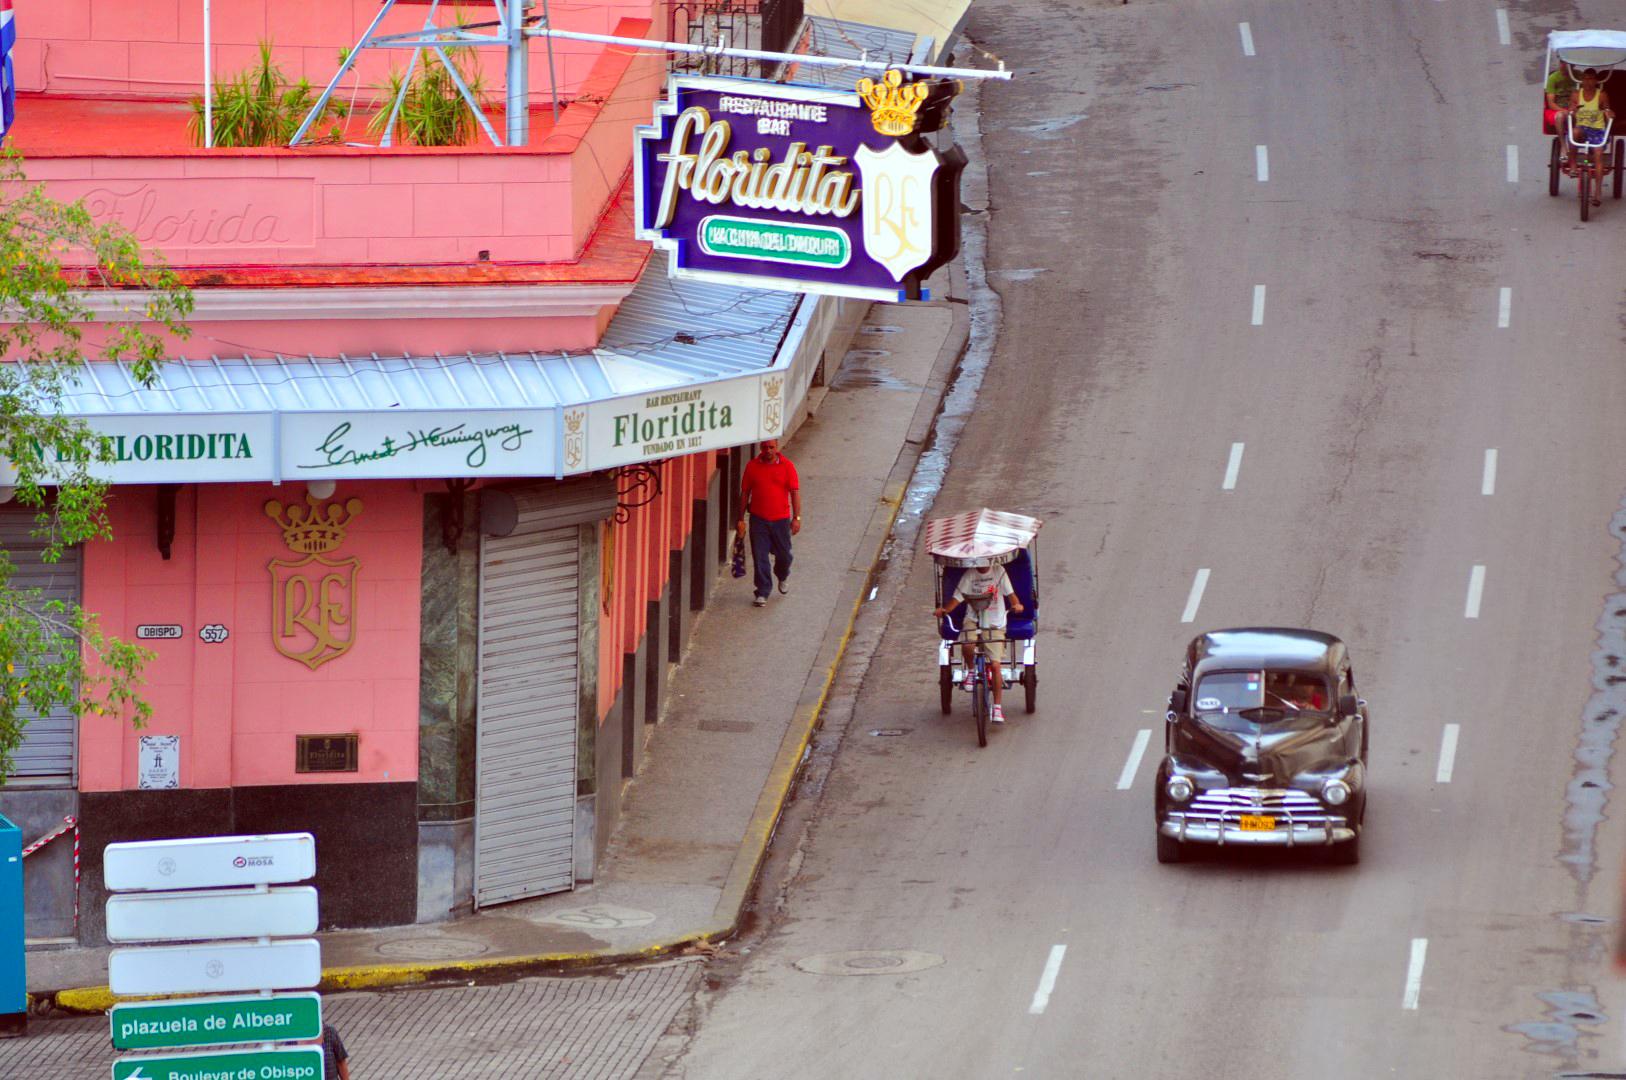 Qué ver en La Habana, Cuba qué ver en la habana, cuba - 31135995742 6cb579a7ce o - Qué ver en La Habana, Cuba